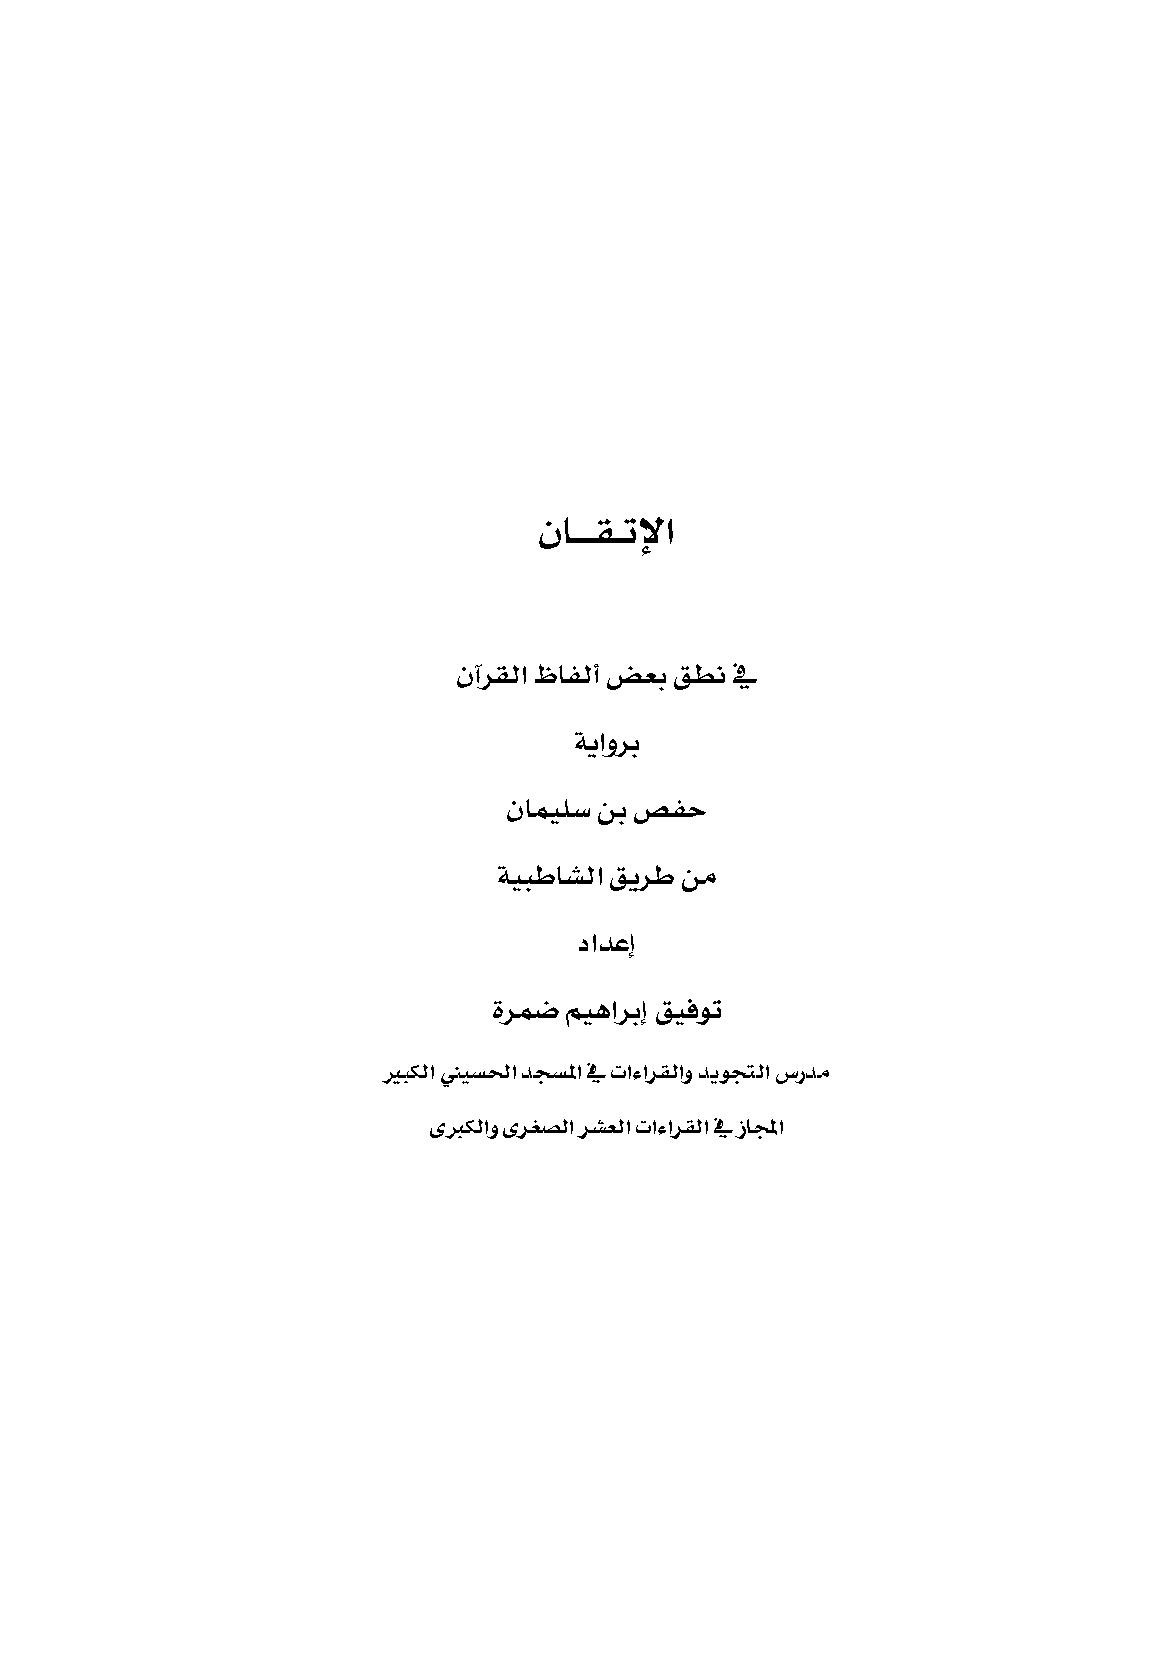 الإتقان في نطق بعض ألفاظ القرآن برواية حفص بن سليمان من طريق الشاطبية - توفيق إبراهيم أحمد ضمرة